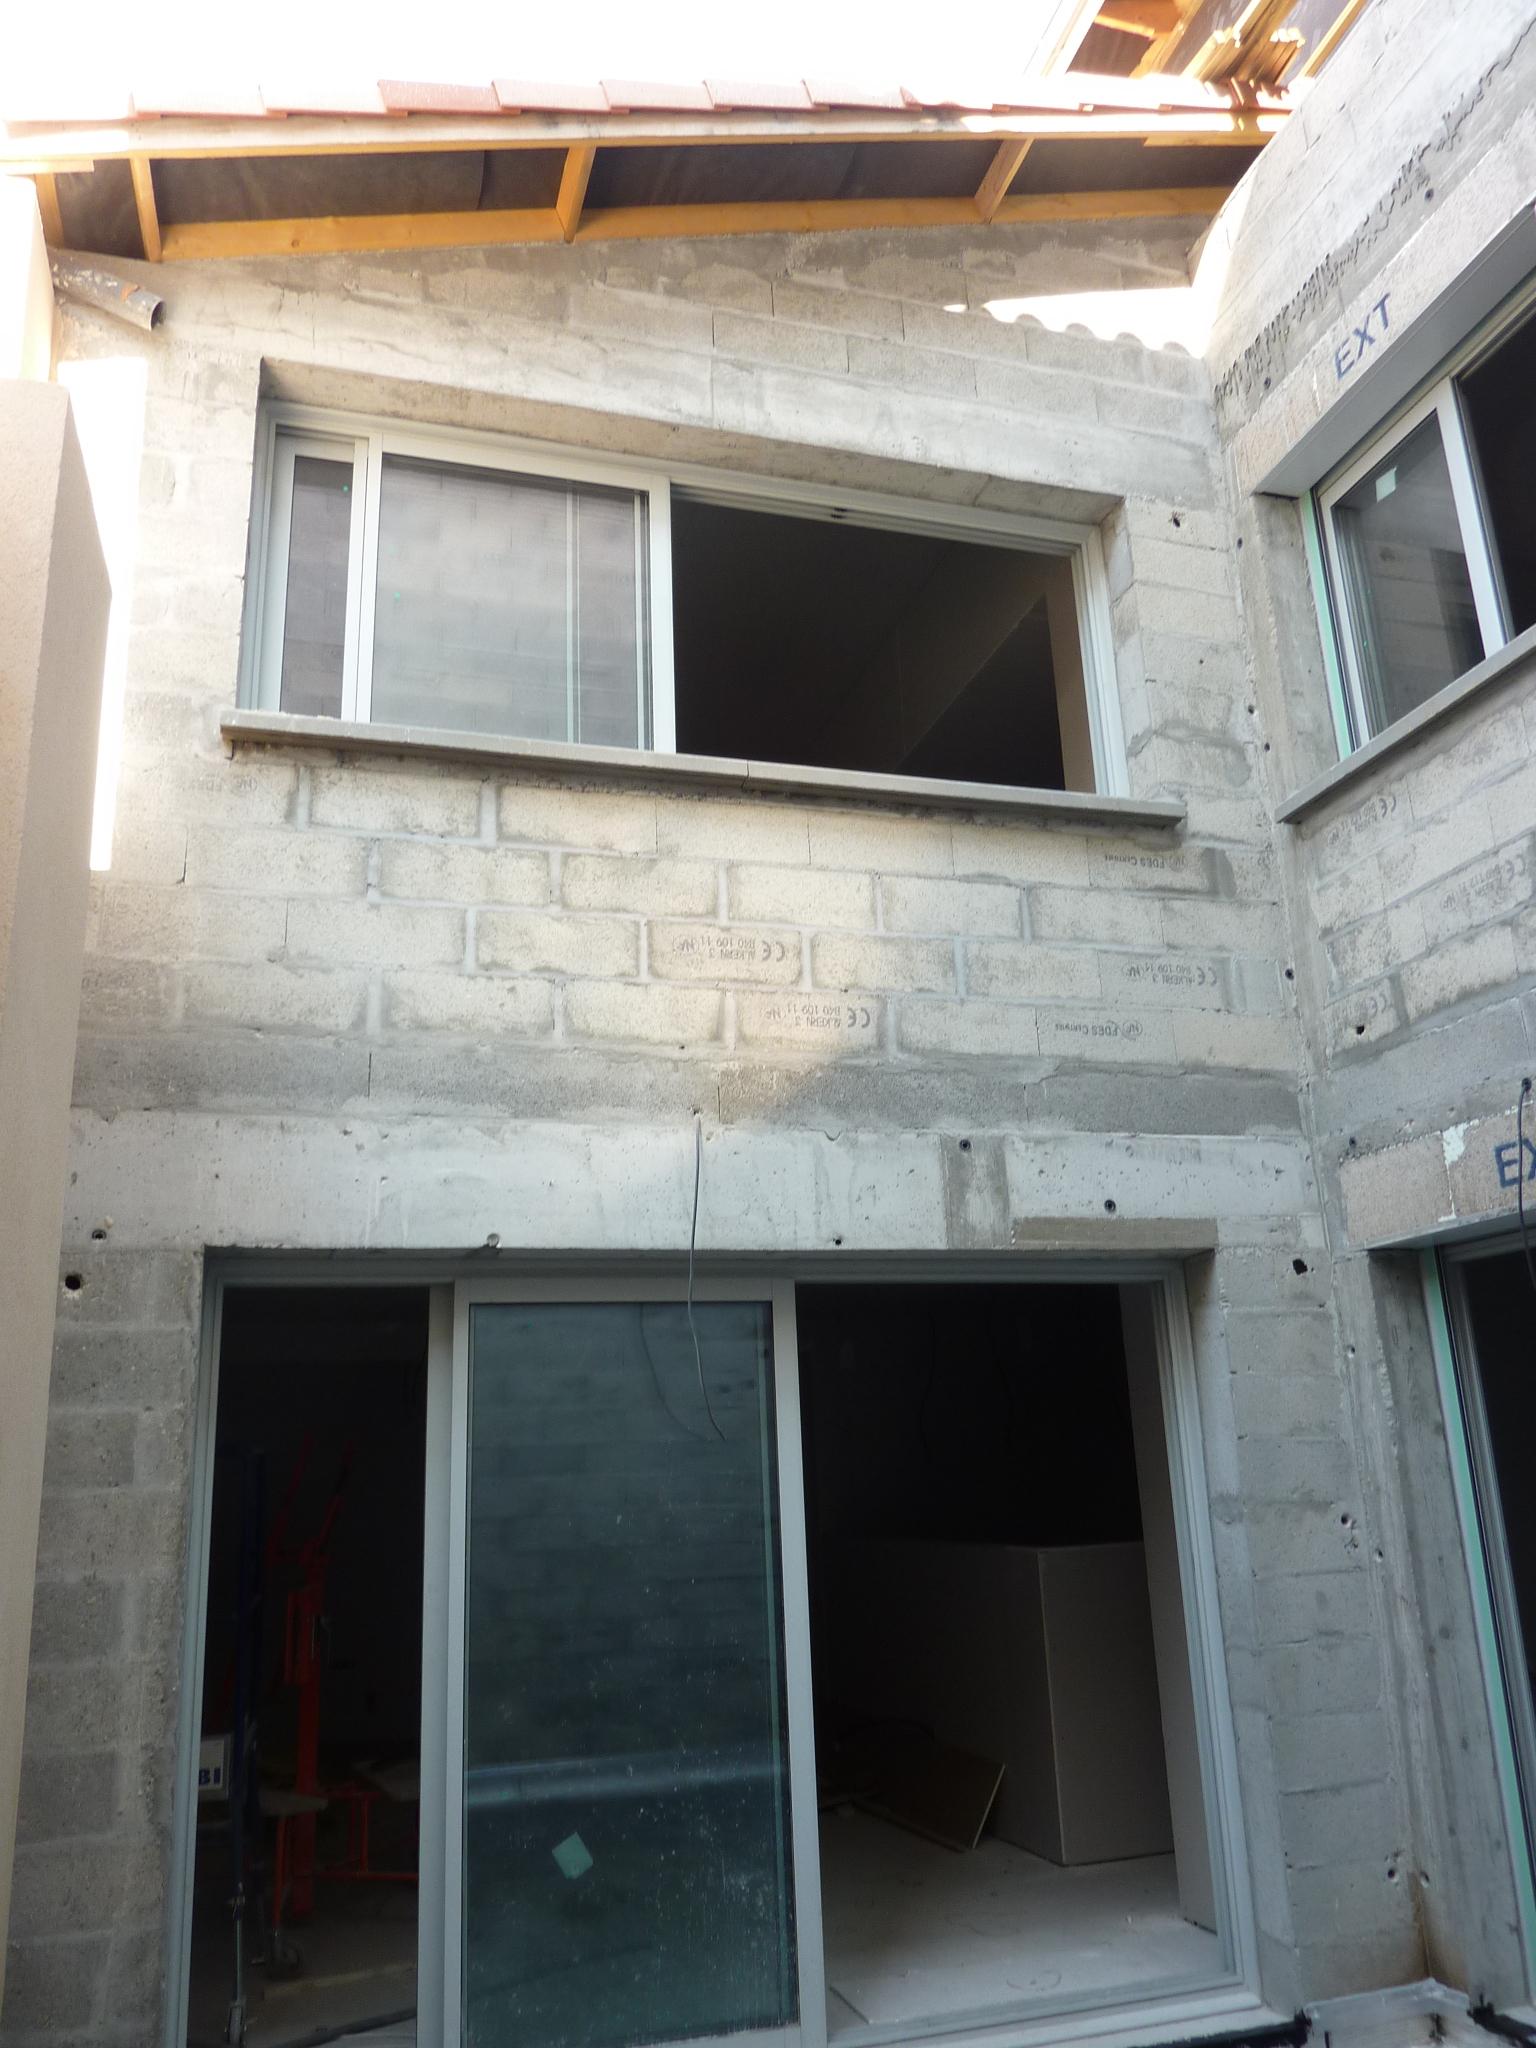 restructuration d 39 un ensemble immobilier aux chartrons. Black Bedroom Furniture Sets. Home Design Ideas